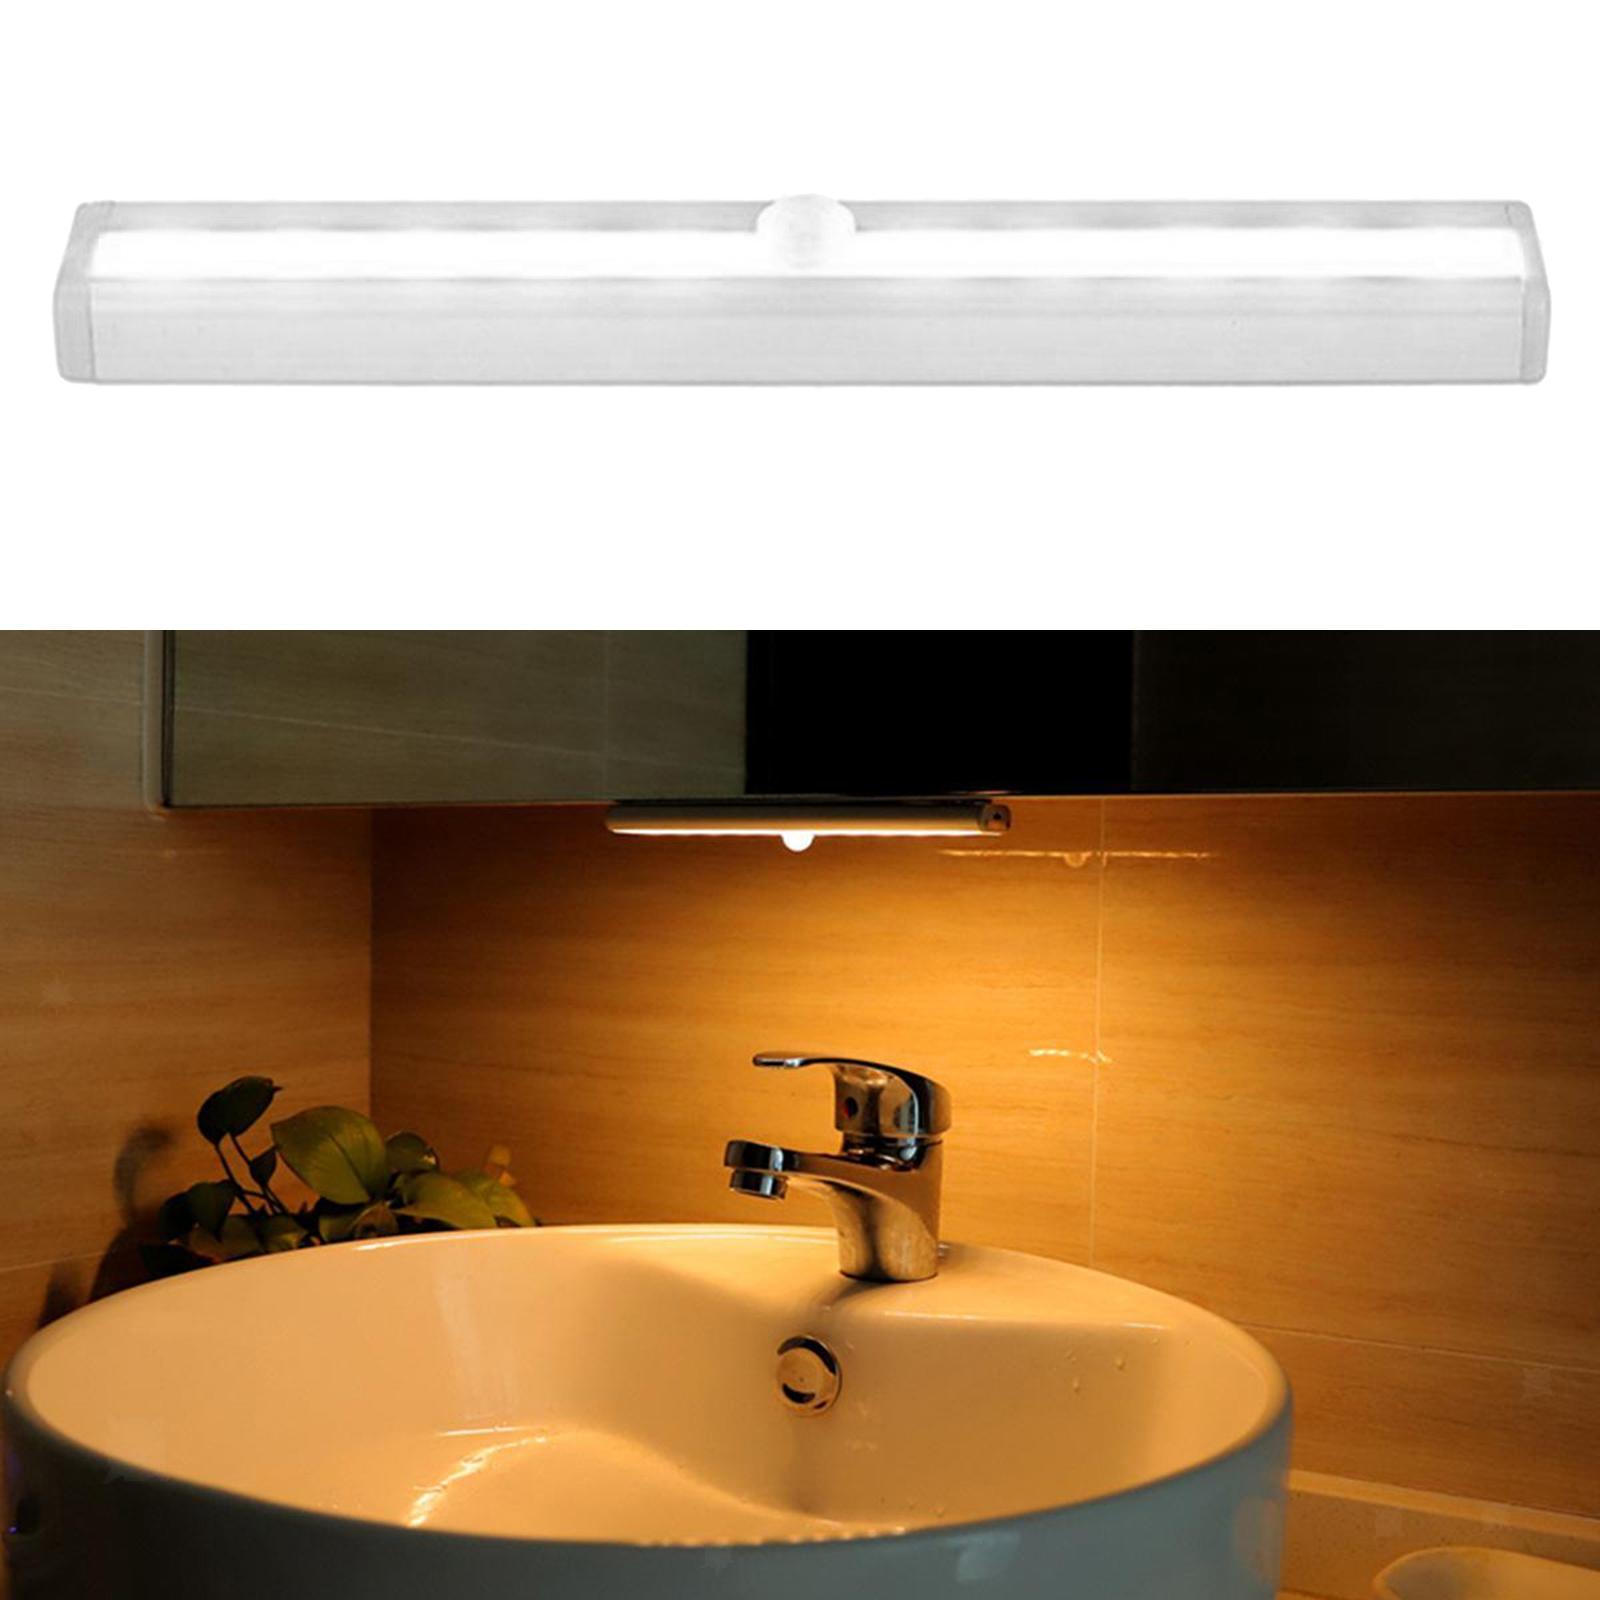 miniatura 11 - Lampada da parete a LED con sensore di movimento camera da letto armadio armadio